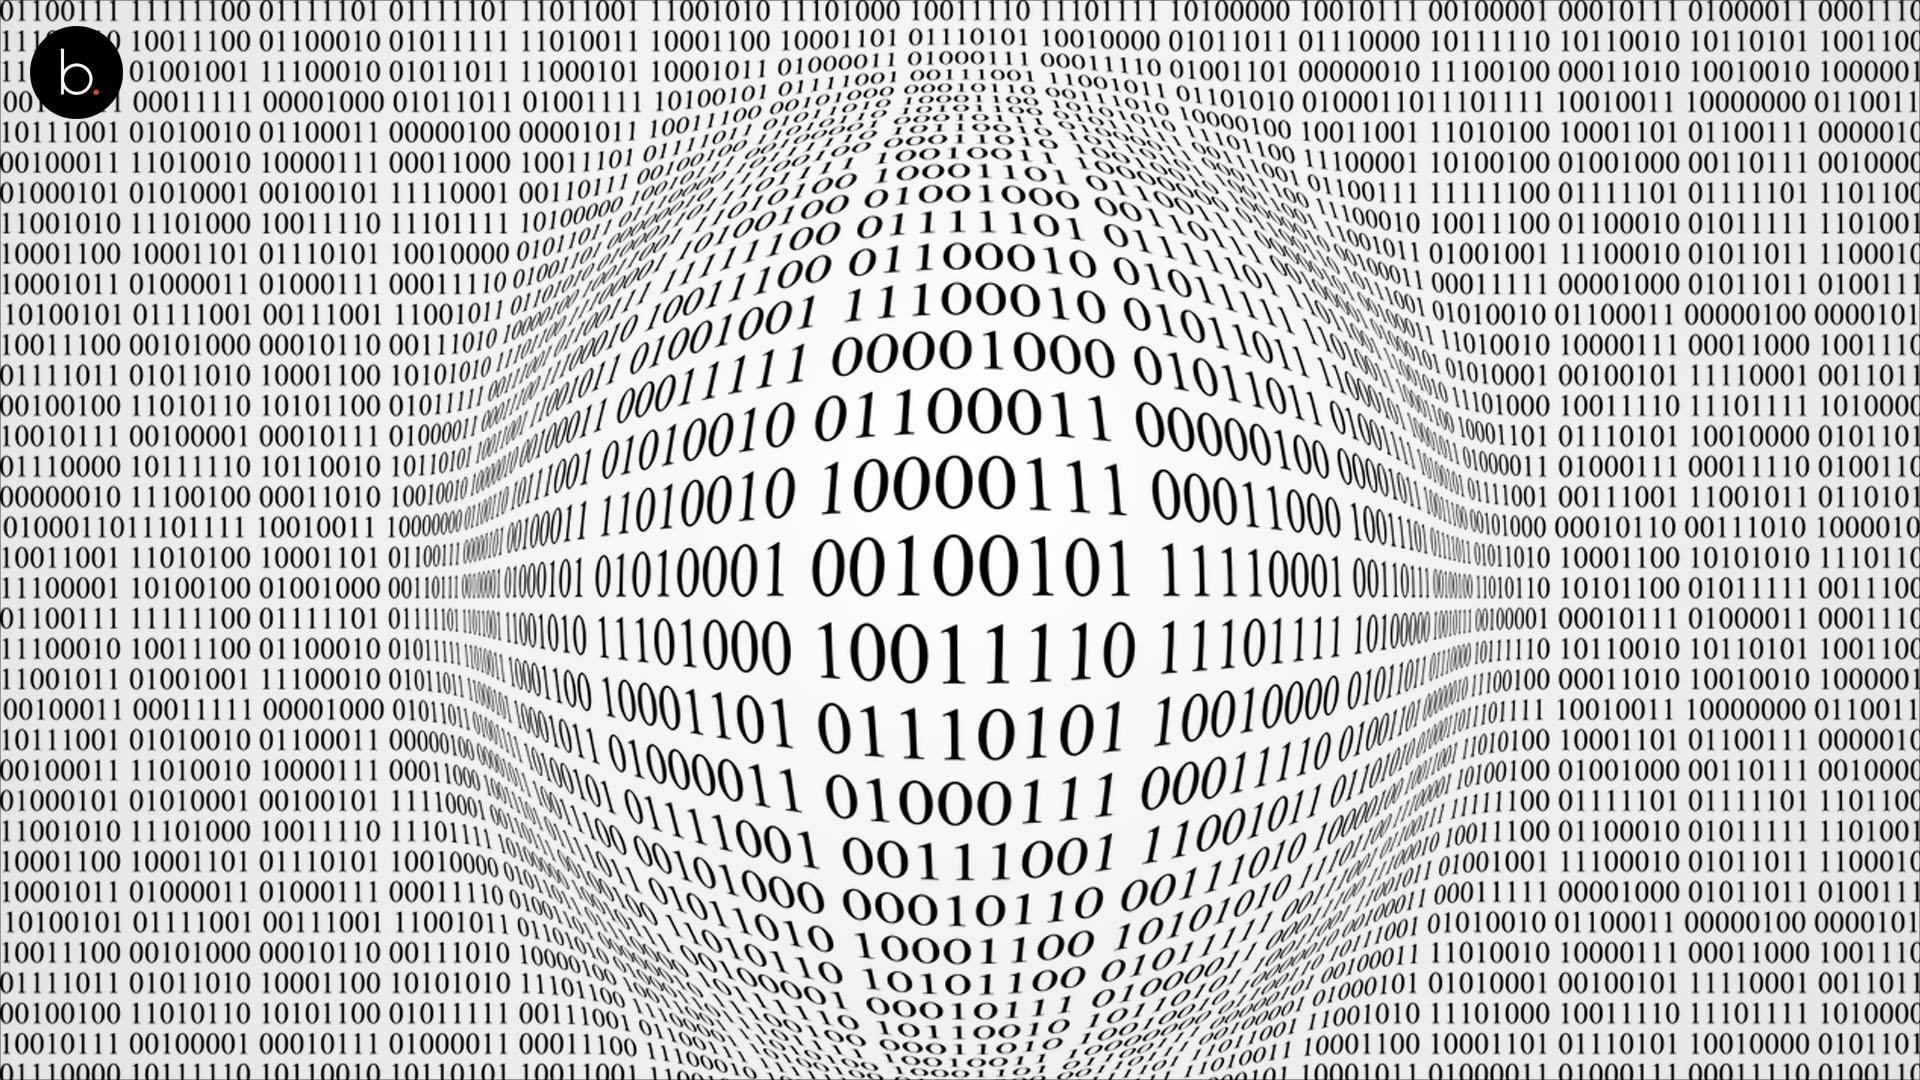 El impacto de la Inteligencia Artificial (IA) en nuestras vidas para el futuro